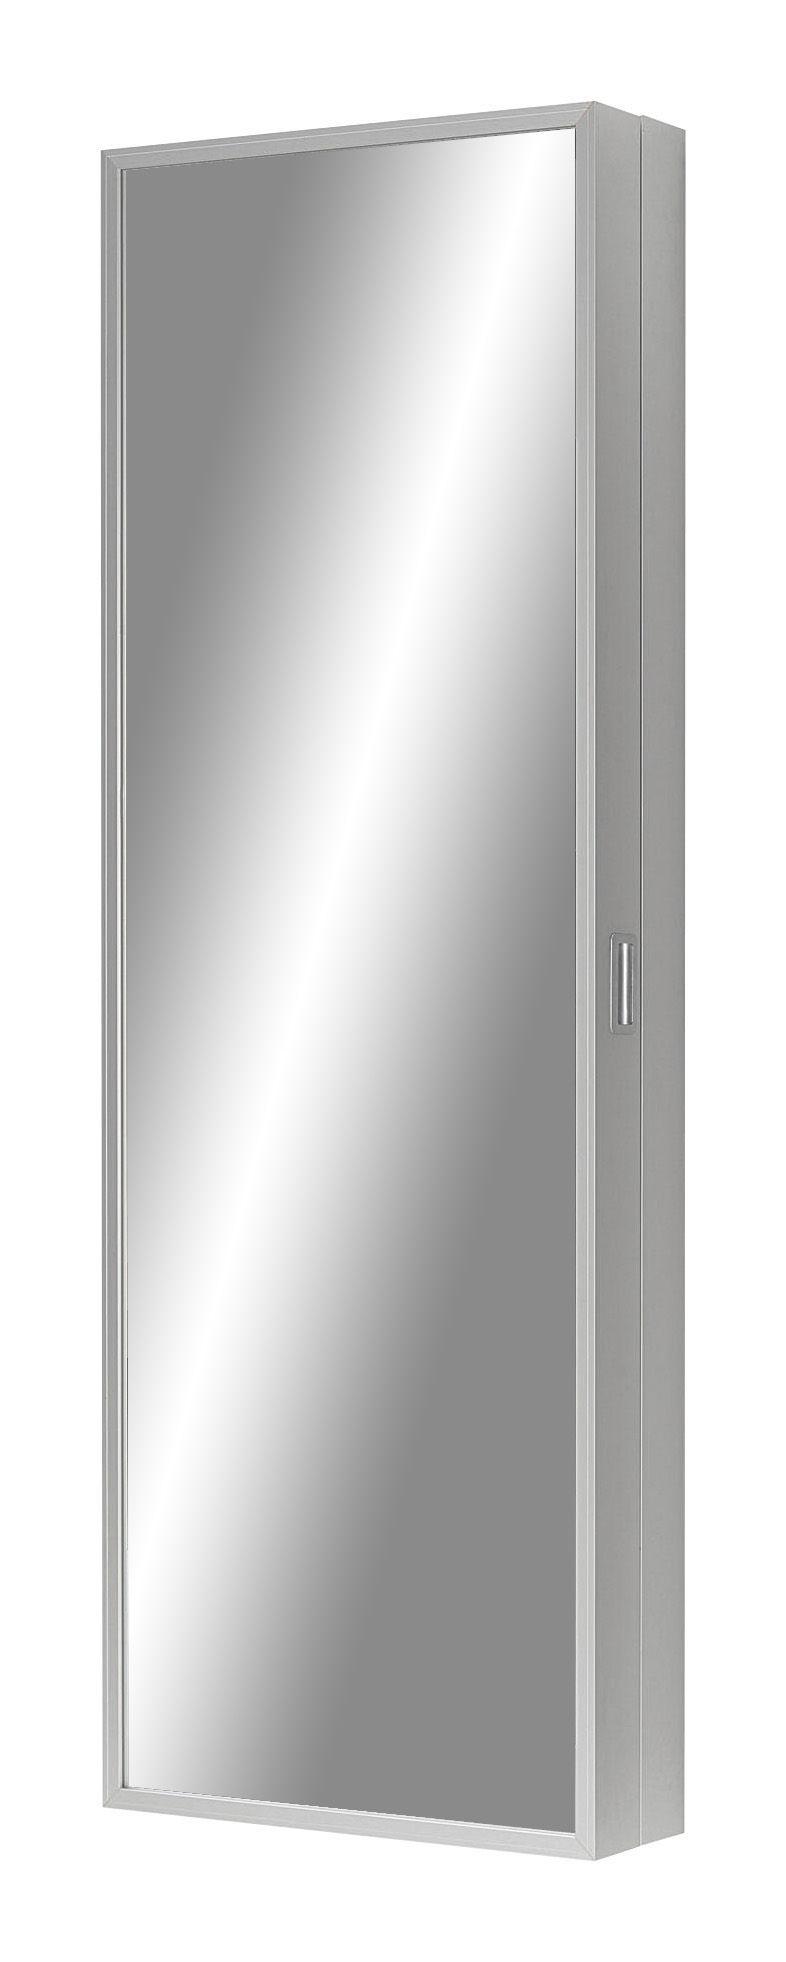 Möbel - Aufbewahrungsmöbel - Duty Box Schrank - Kristalia - Aluminium -Spiegel - eloxiertes Aluminium, Spiegel-Finish